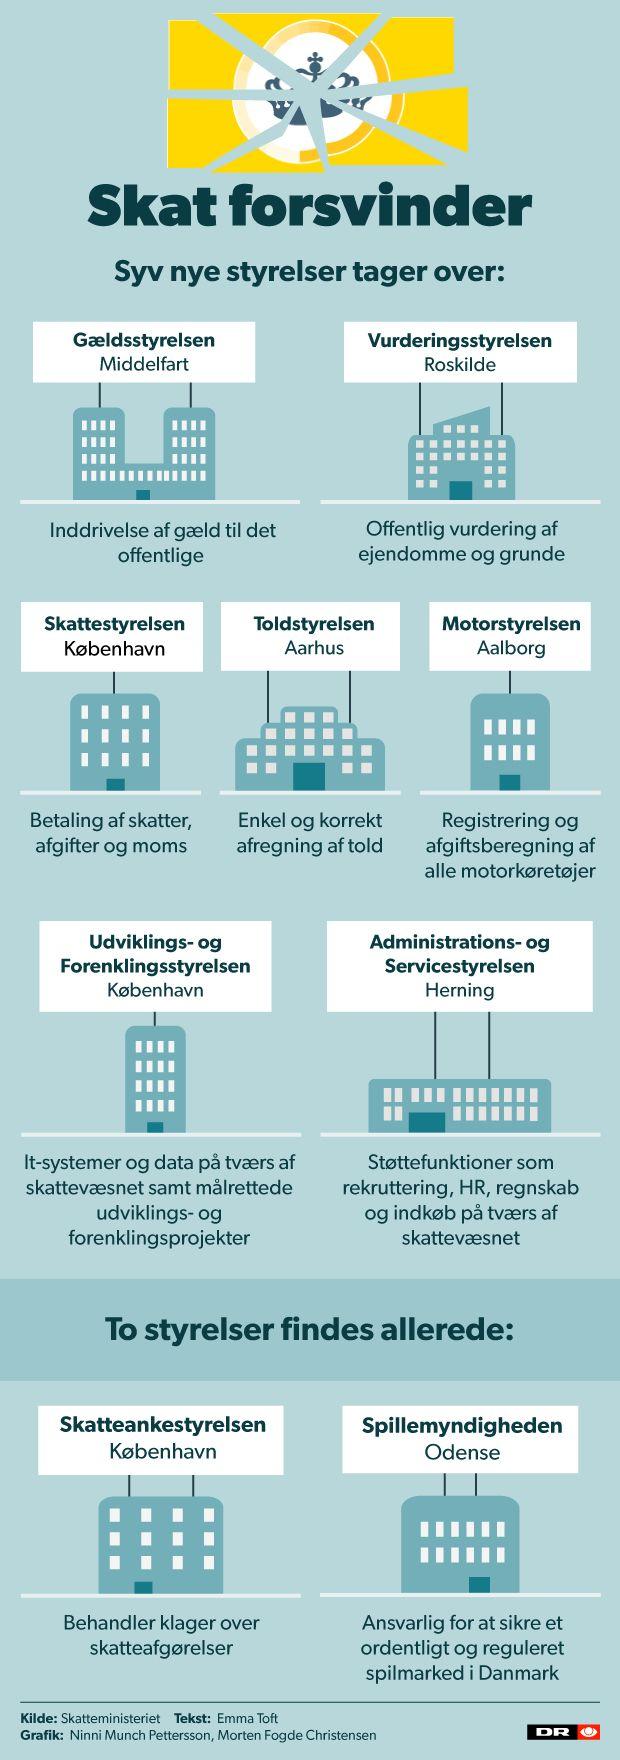 Glade jyske borgmestre får nye skattestyrelser: En fremragende dag | Nyheder | DR